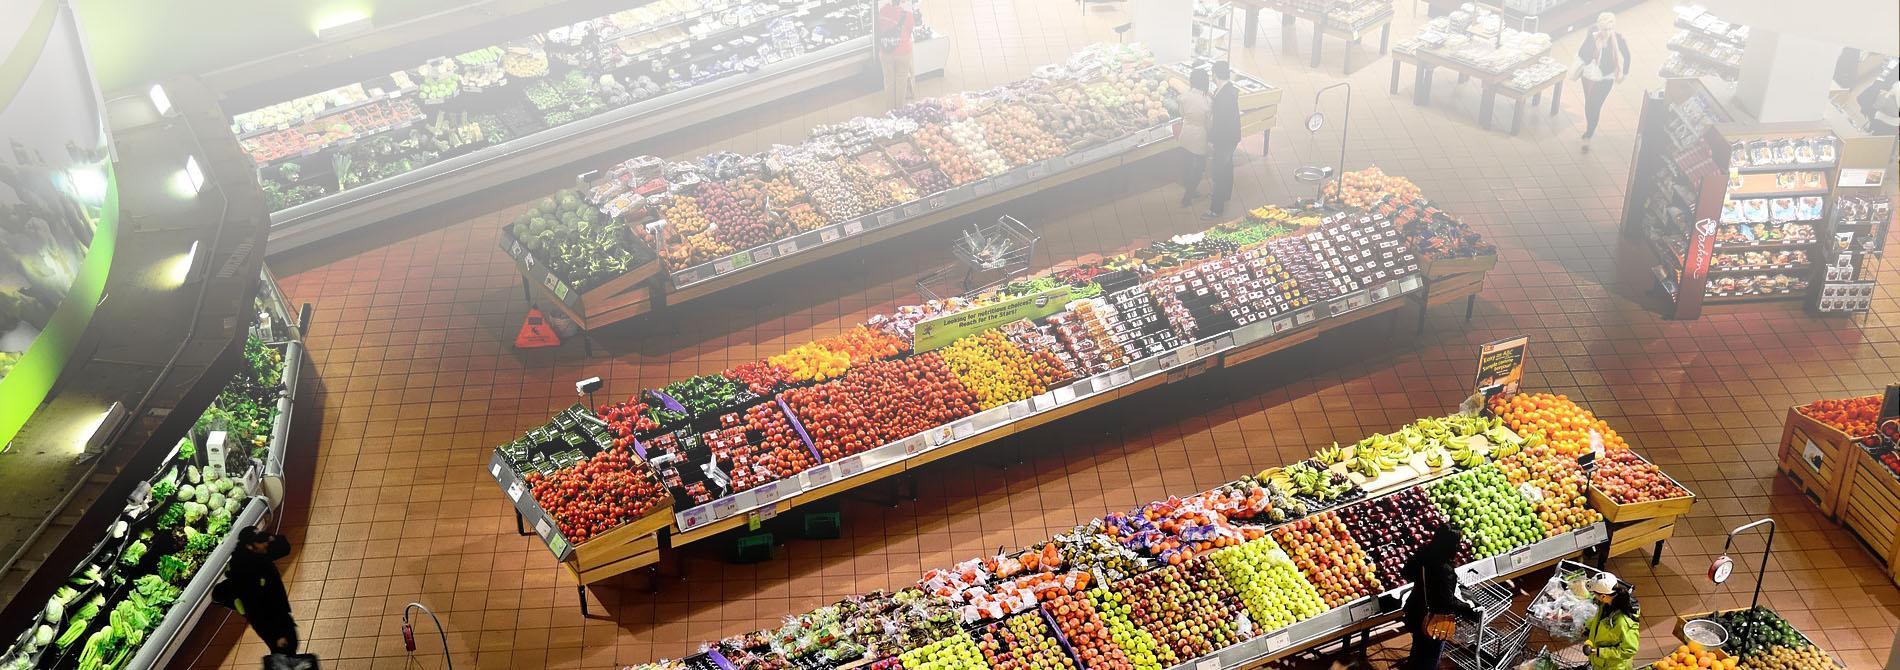 Hypermarket Solutions